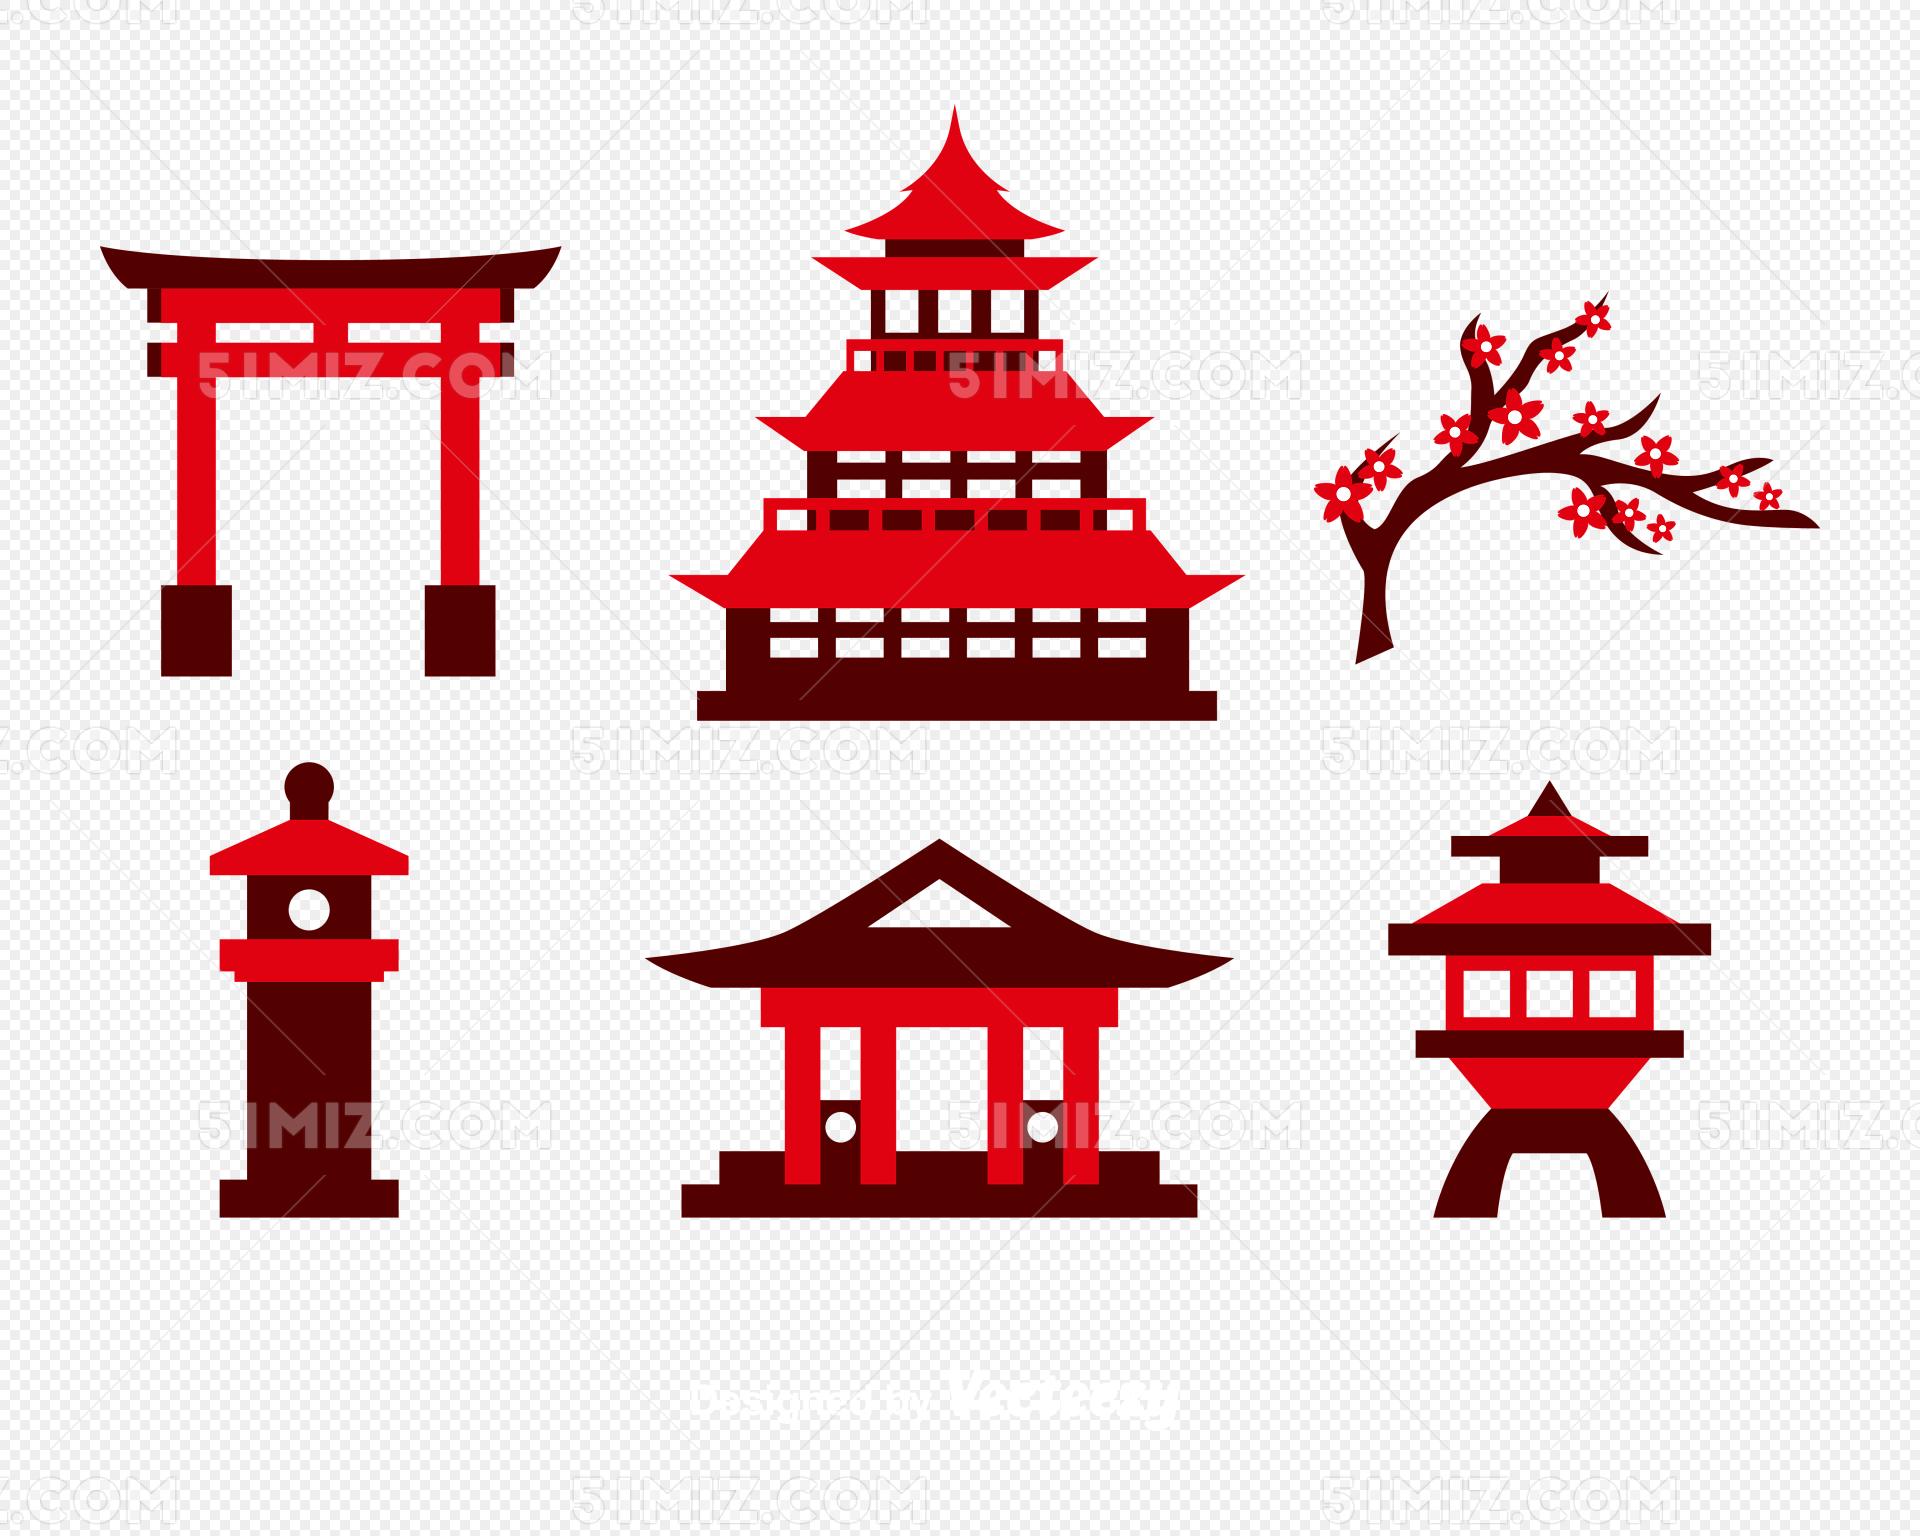 红色寺庙建筑矢量